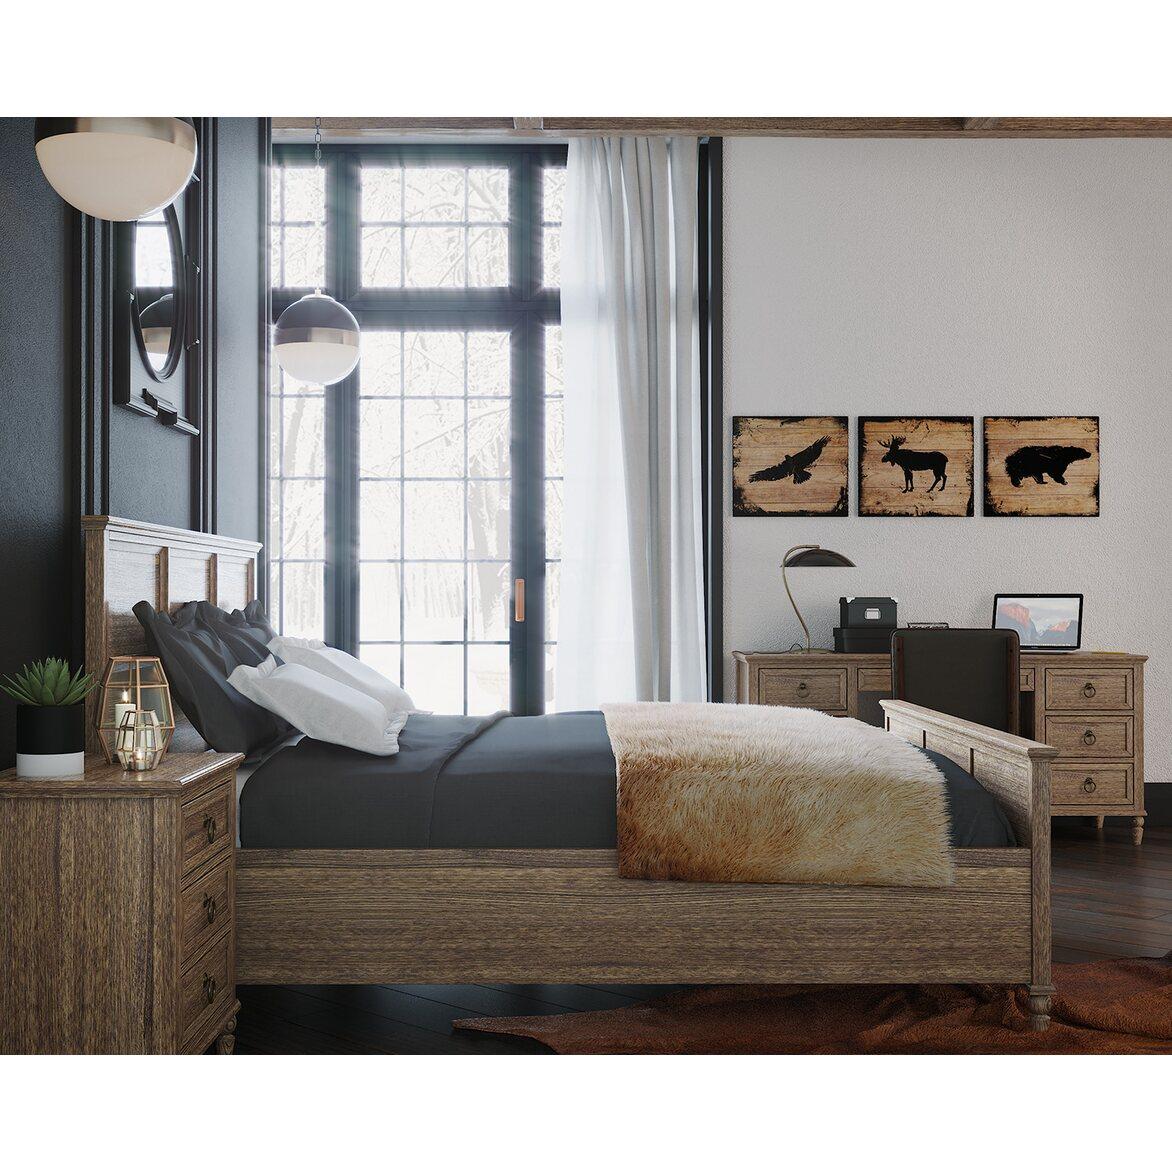 Кровать 160*200 Vilton, дуб 5   Двуспальные кровати Kingsby